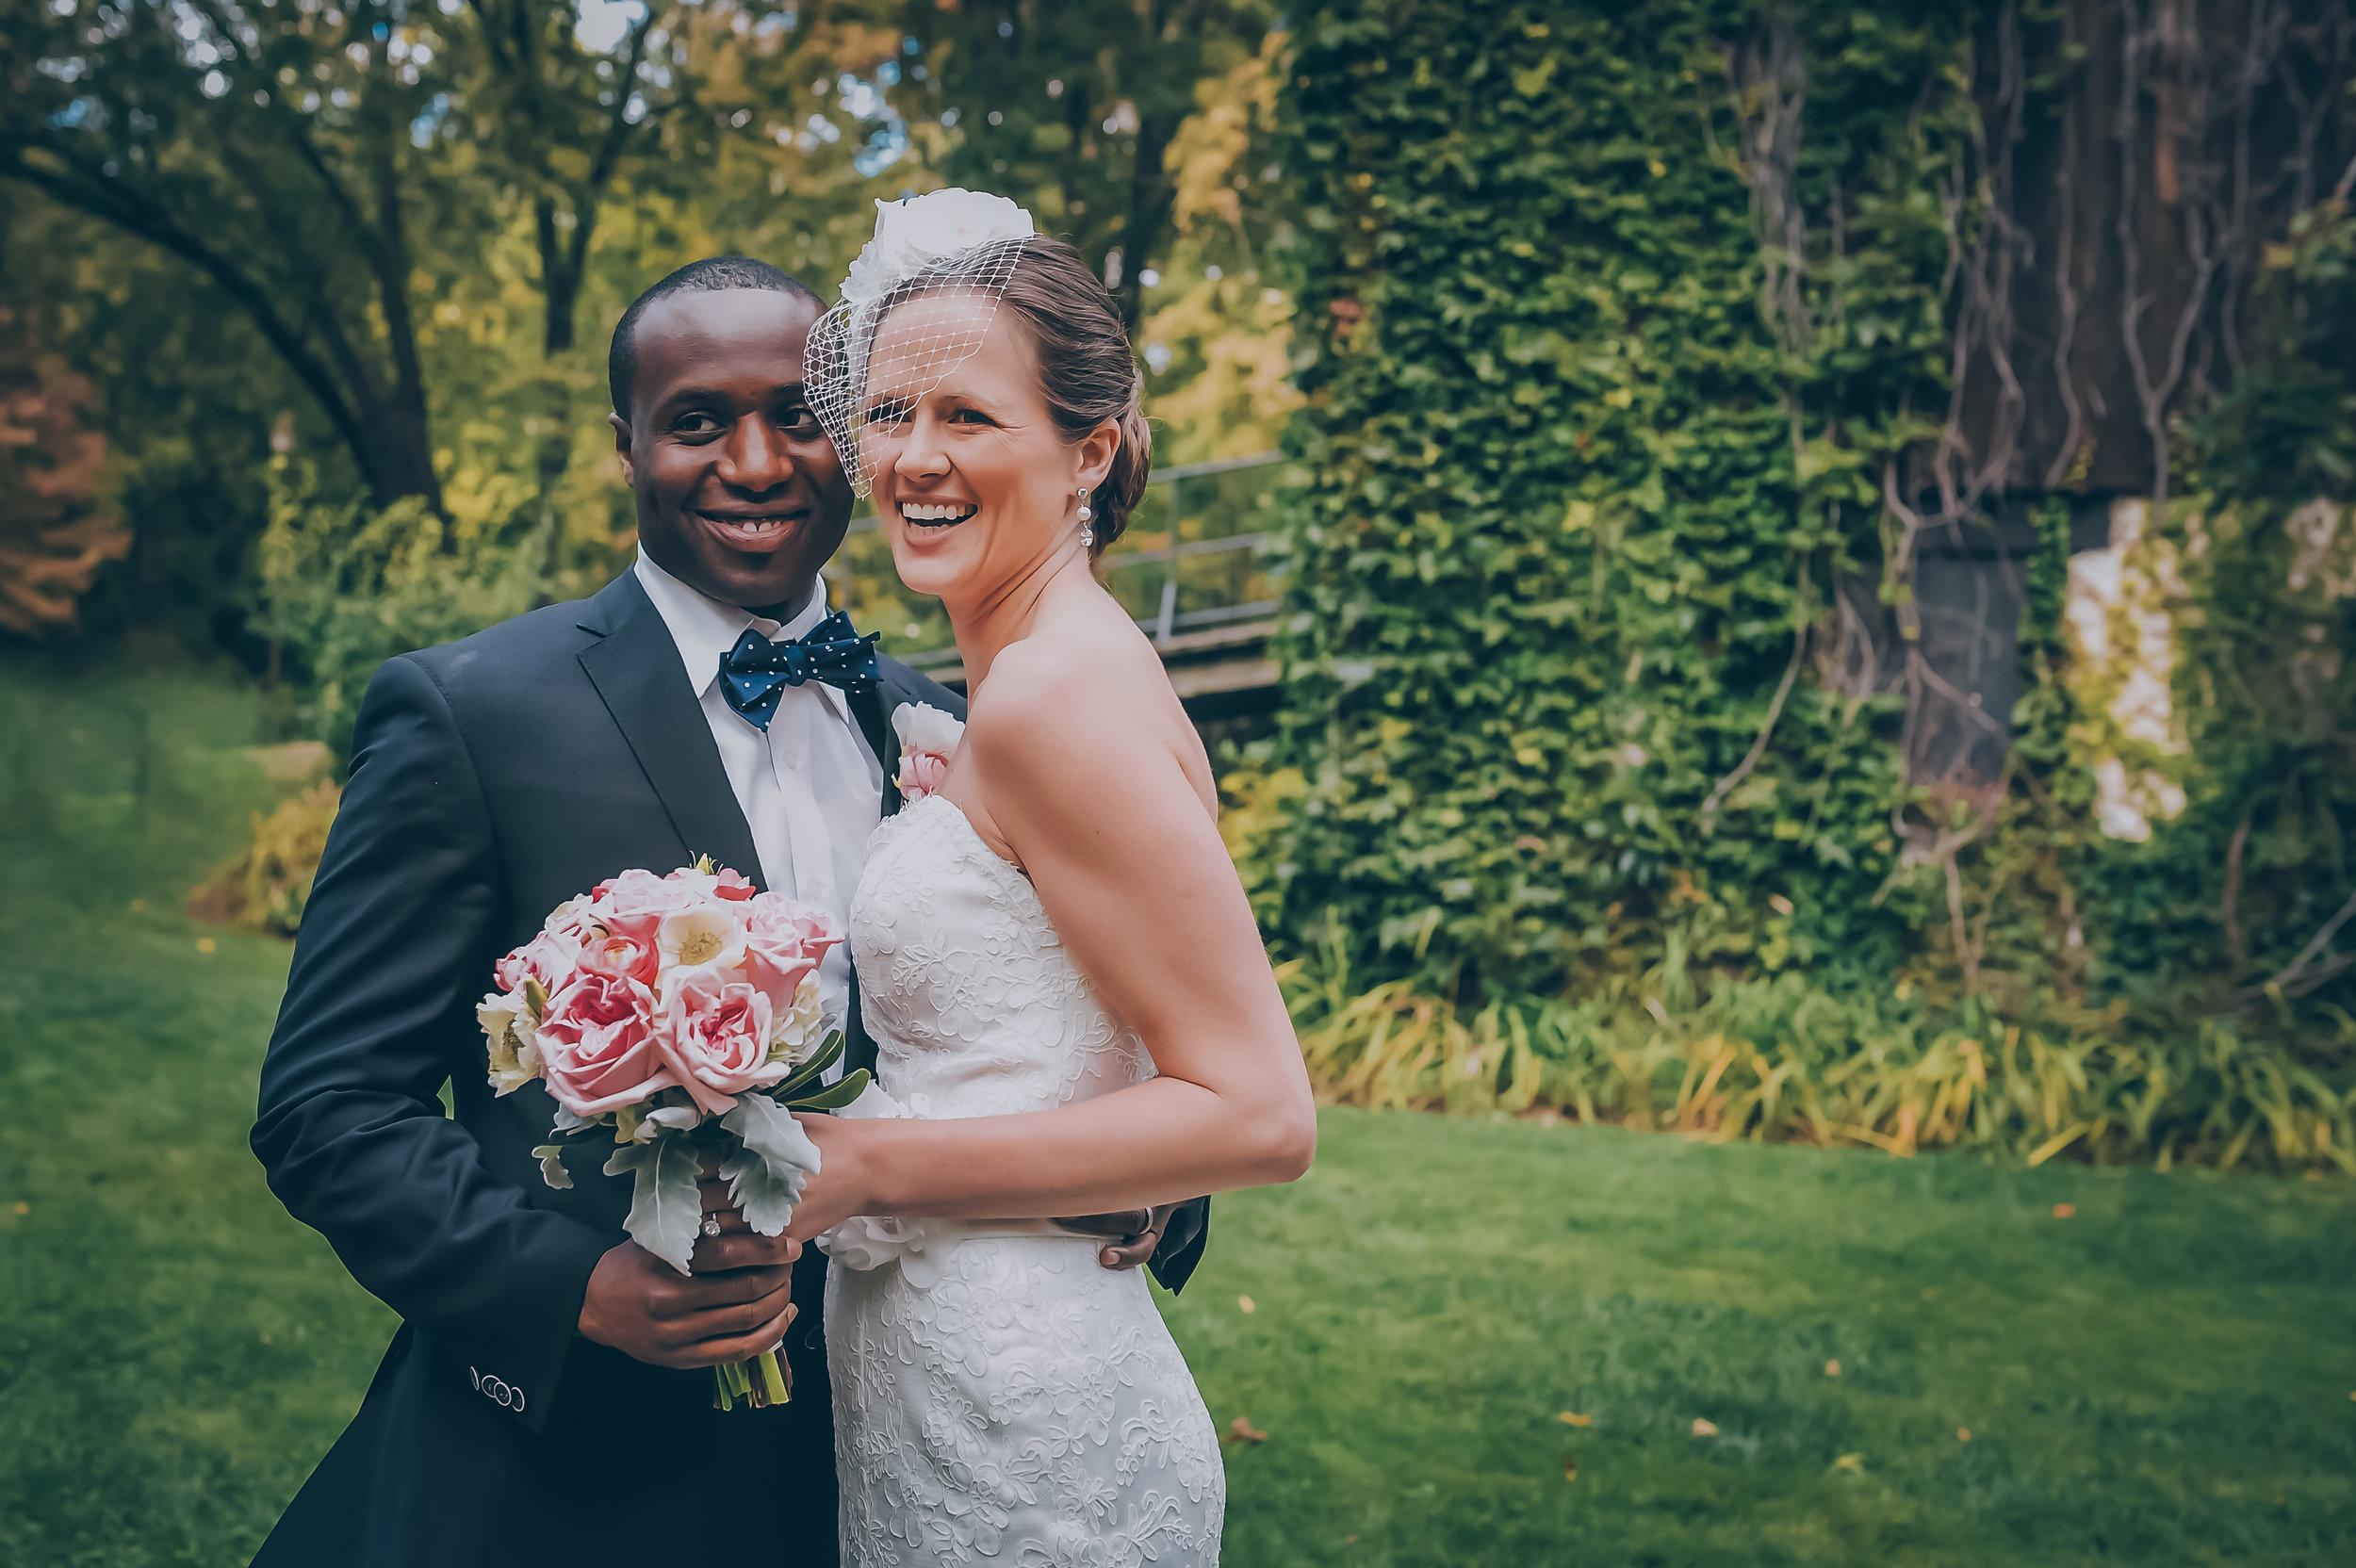 wedding photographer, weddings, love, lifestyle photogrpaher,engagements